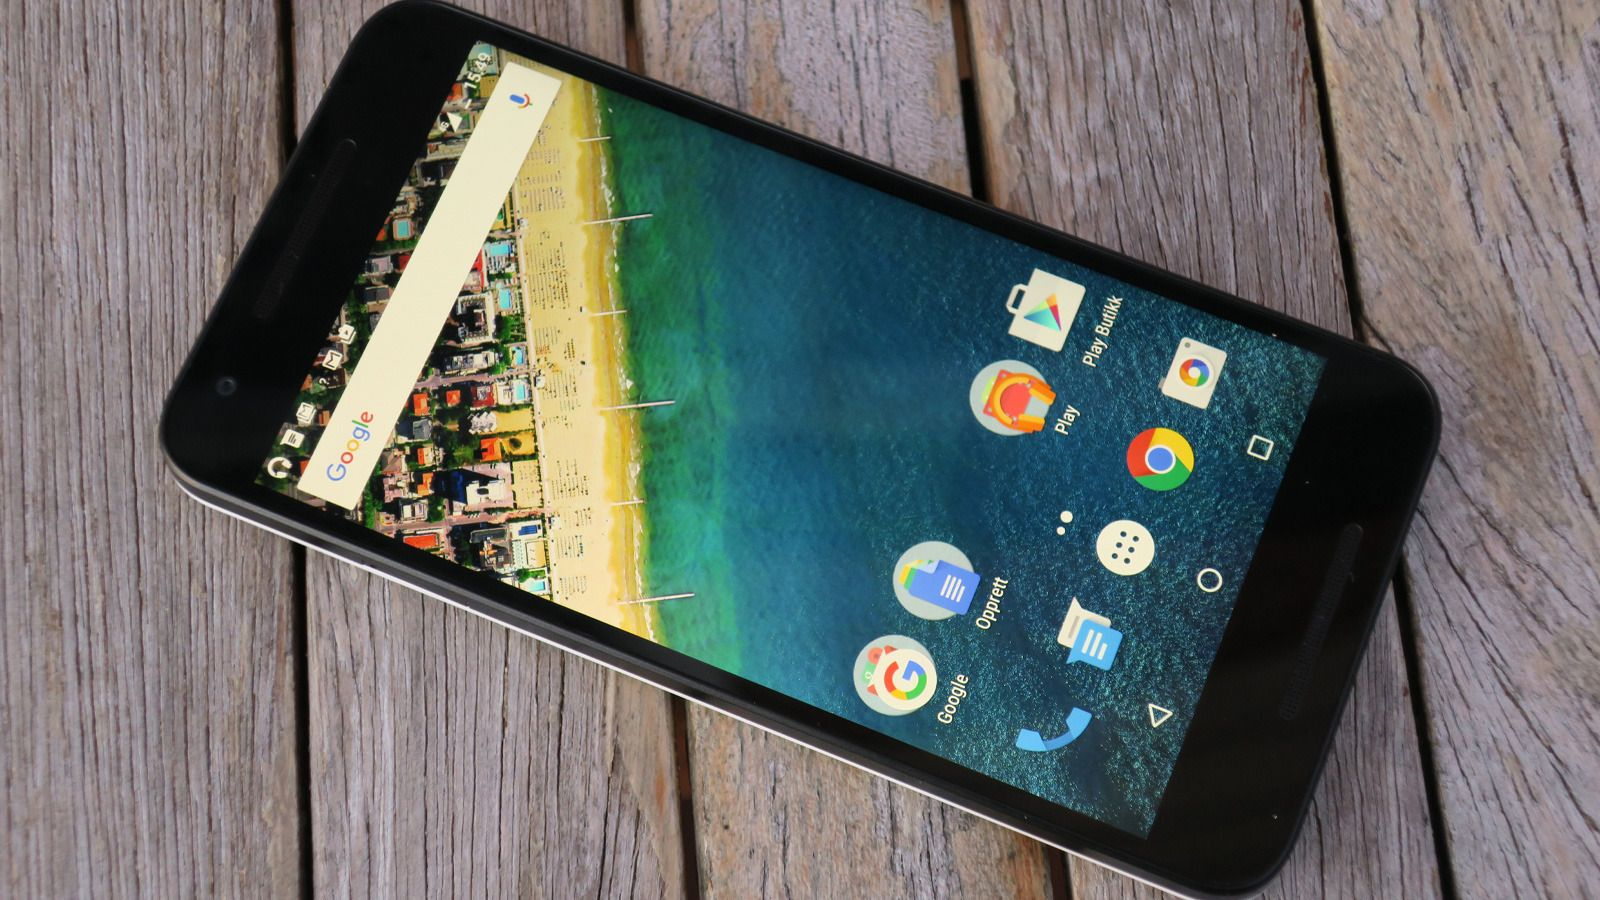 Mange Nexus-brukere sliter etter å ha oppgradert til Android 7